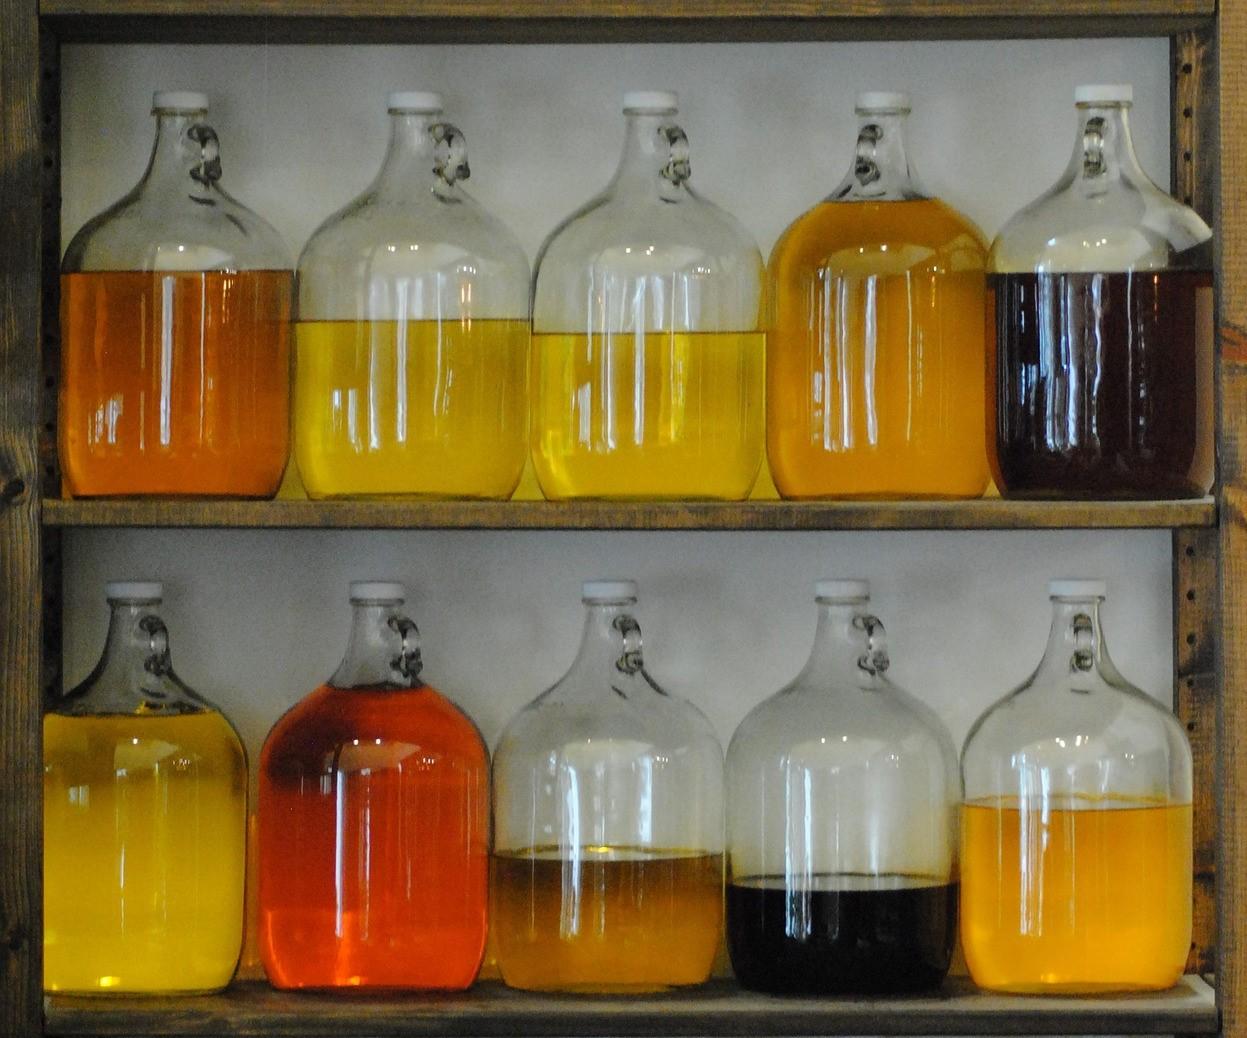 Große Flaschen befüllt mit verschiedenfärbigen Ölen in einem Regal